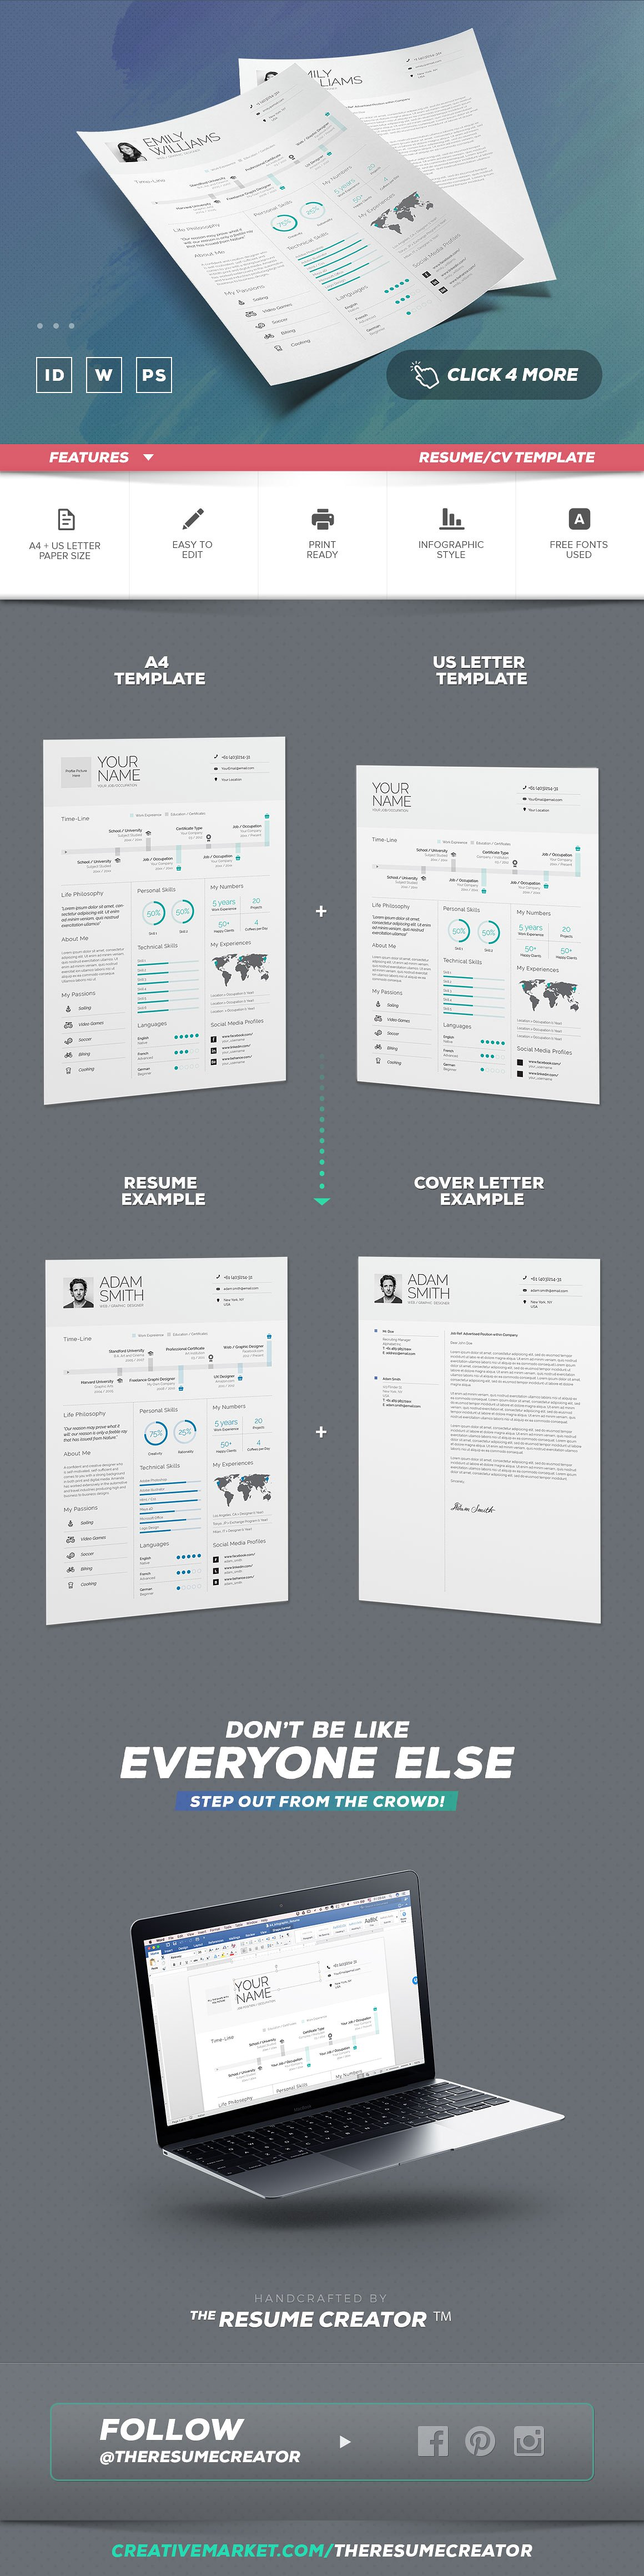 Plantilla CV Infográfico v9 - 1001.graphics